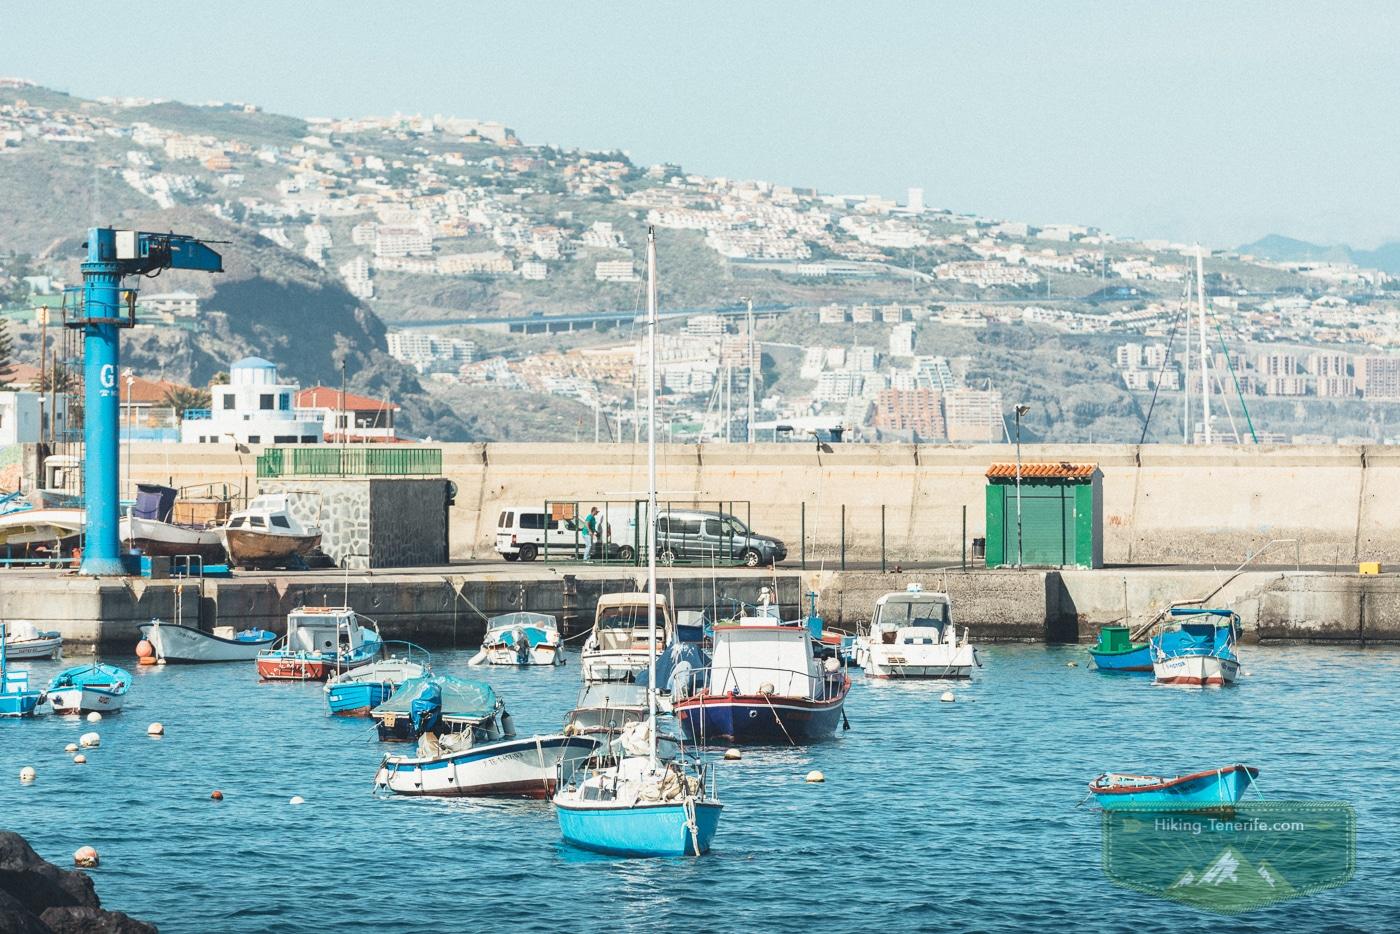 рыбацкие лодки в Канделярии на Тенерифе